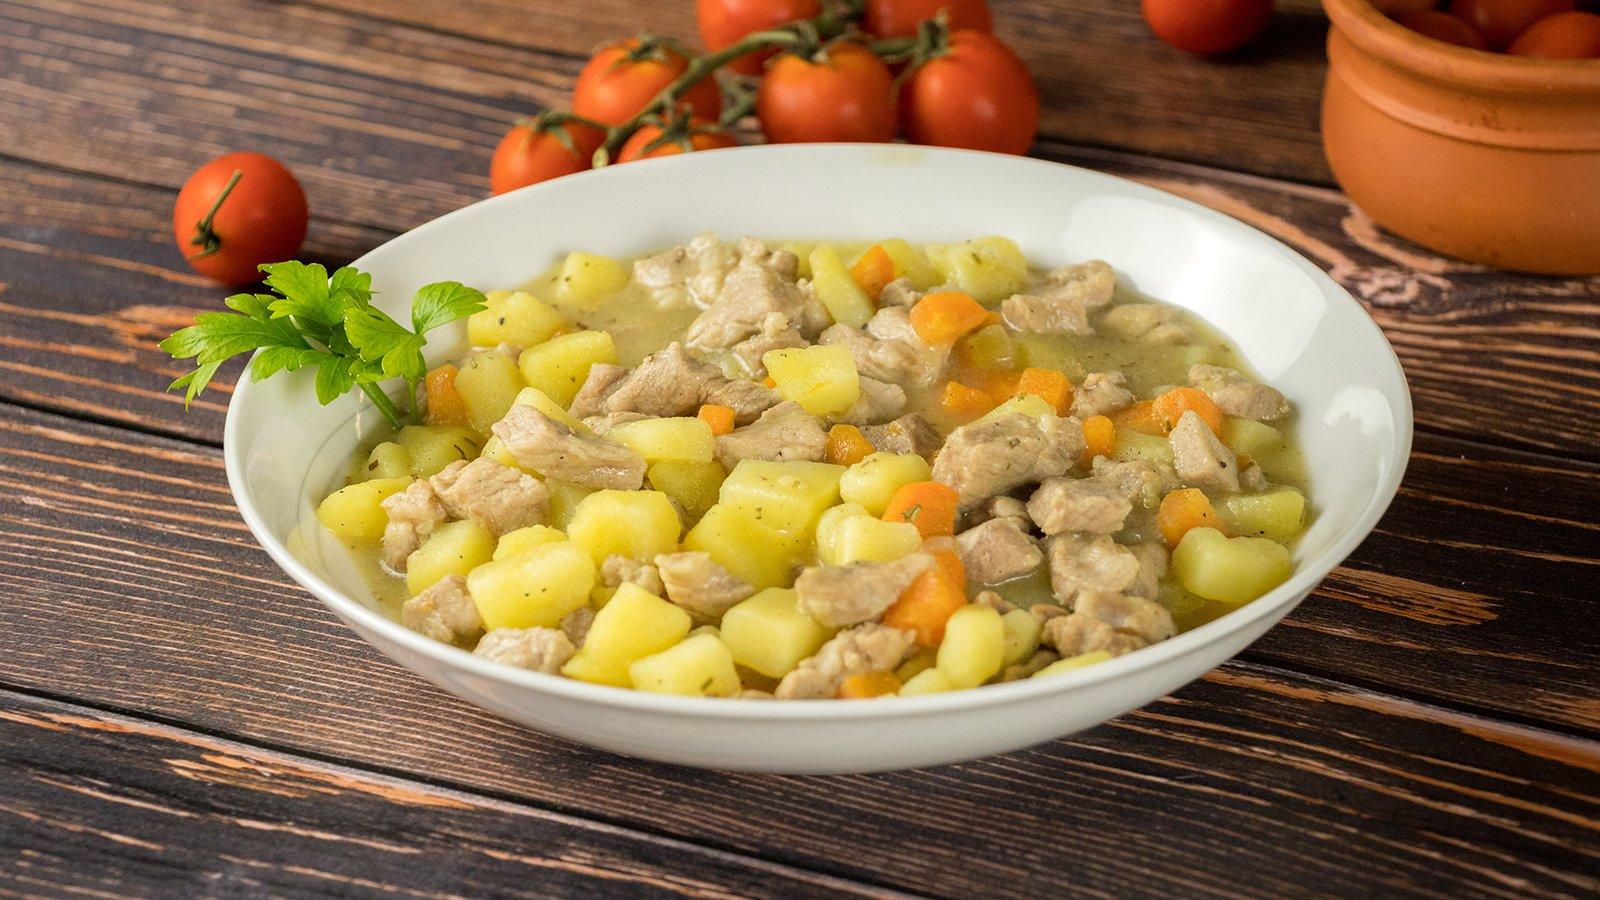 3x 1160g Fleischermeisters Kartoffelsuppe Eintopf mit Schweinefleisch Dose